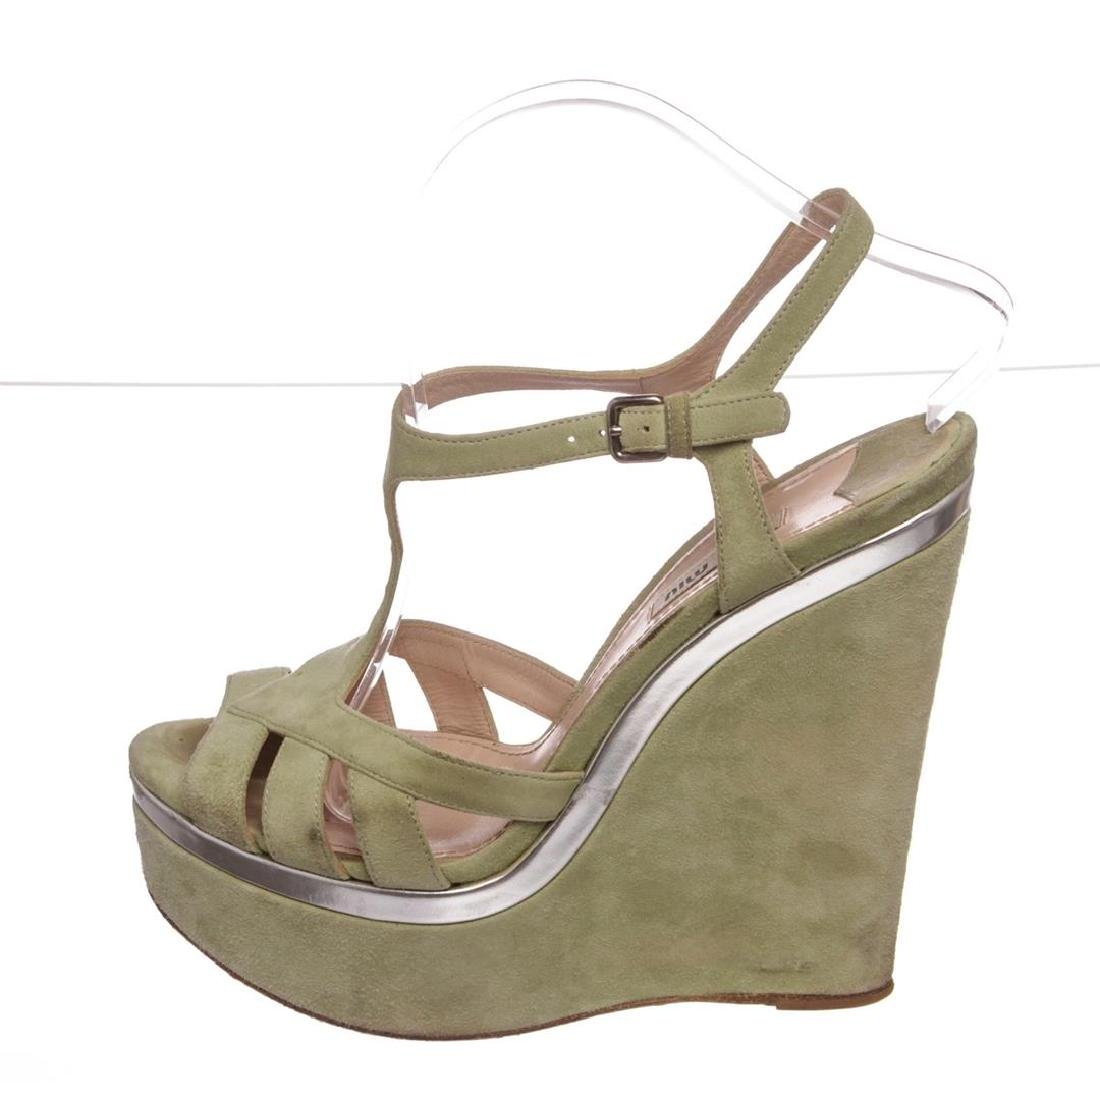 Miu Miu Pistacchio Suede Camoscio Lame Wedges Heels - 5